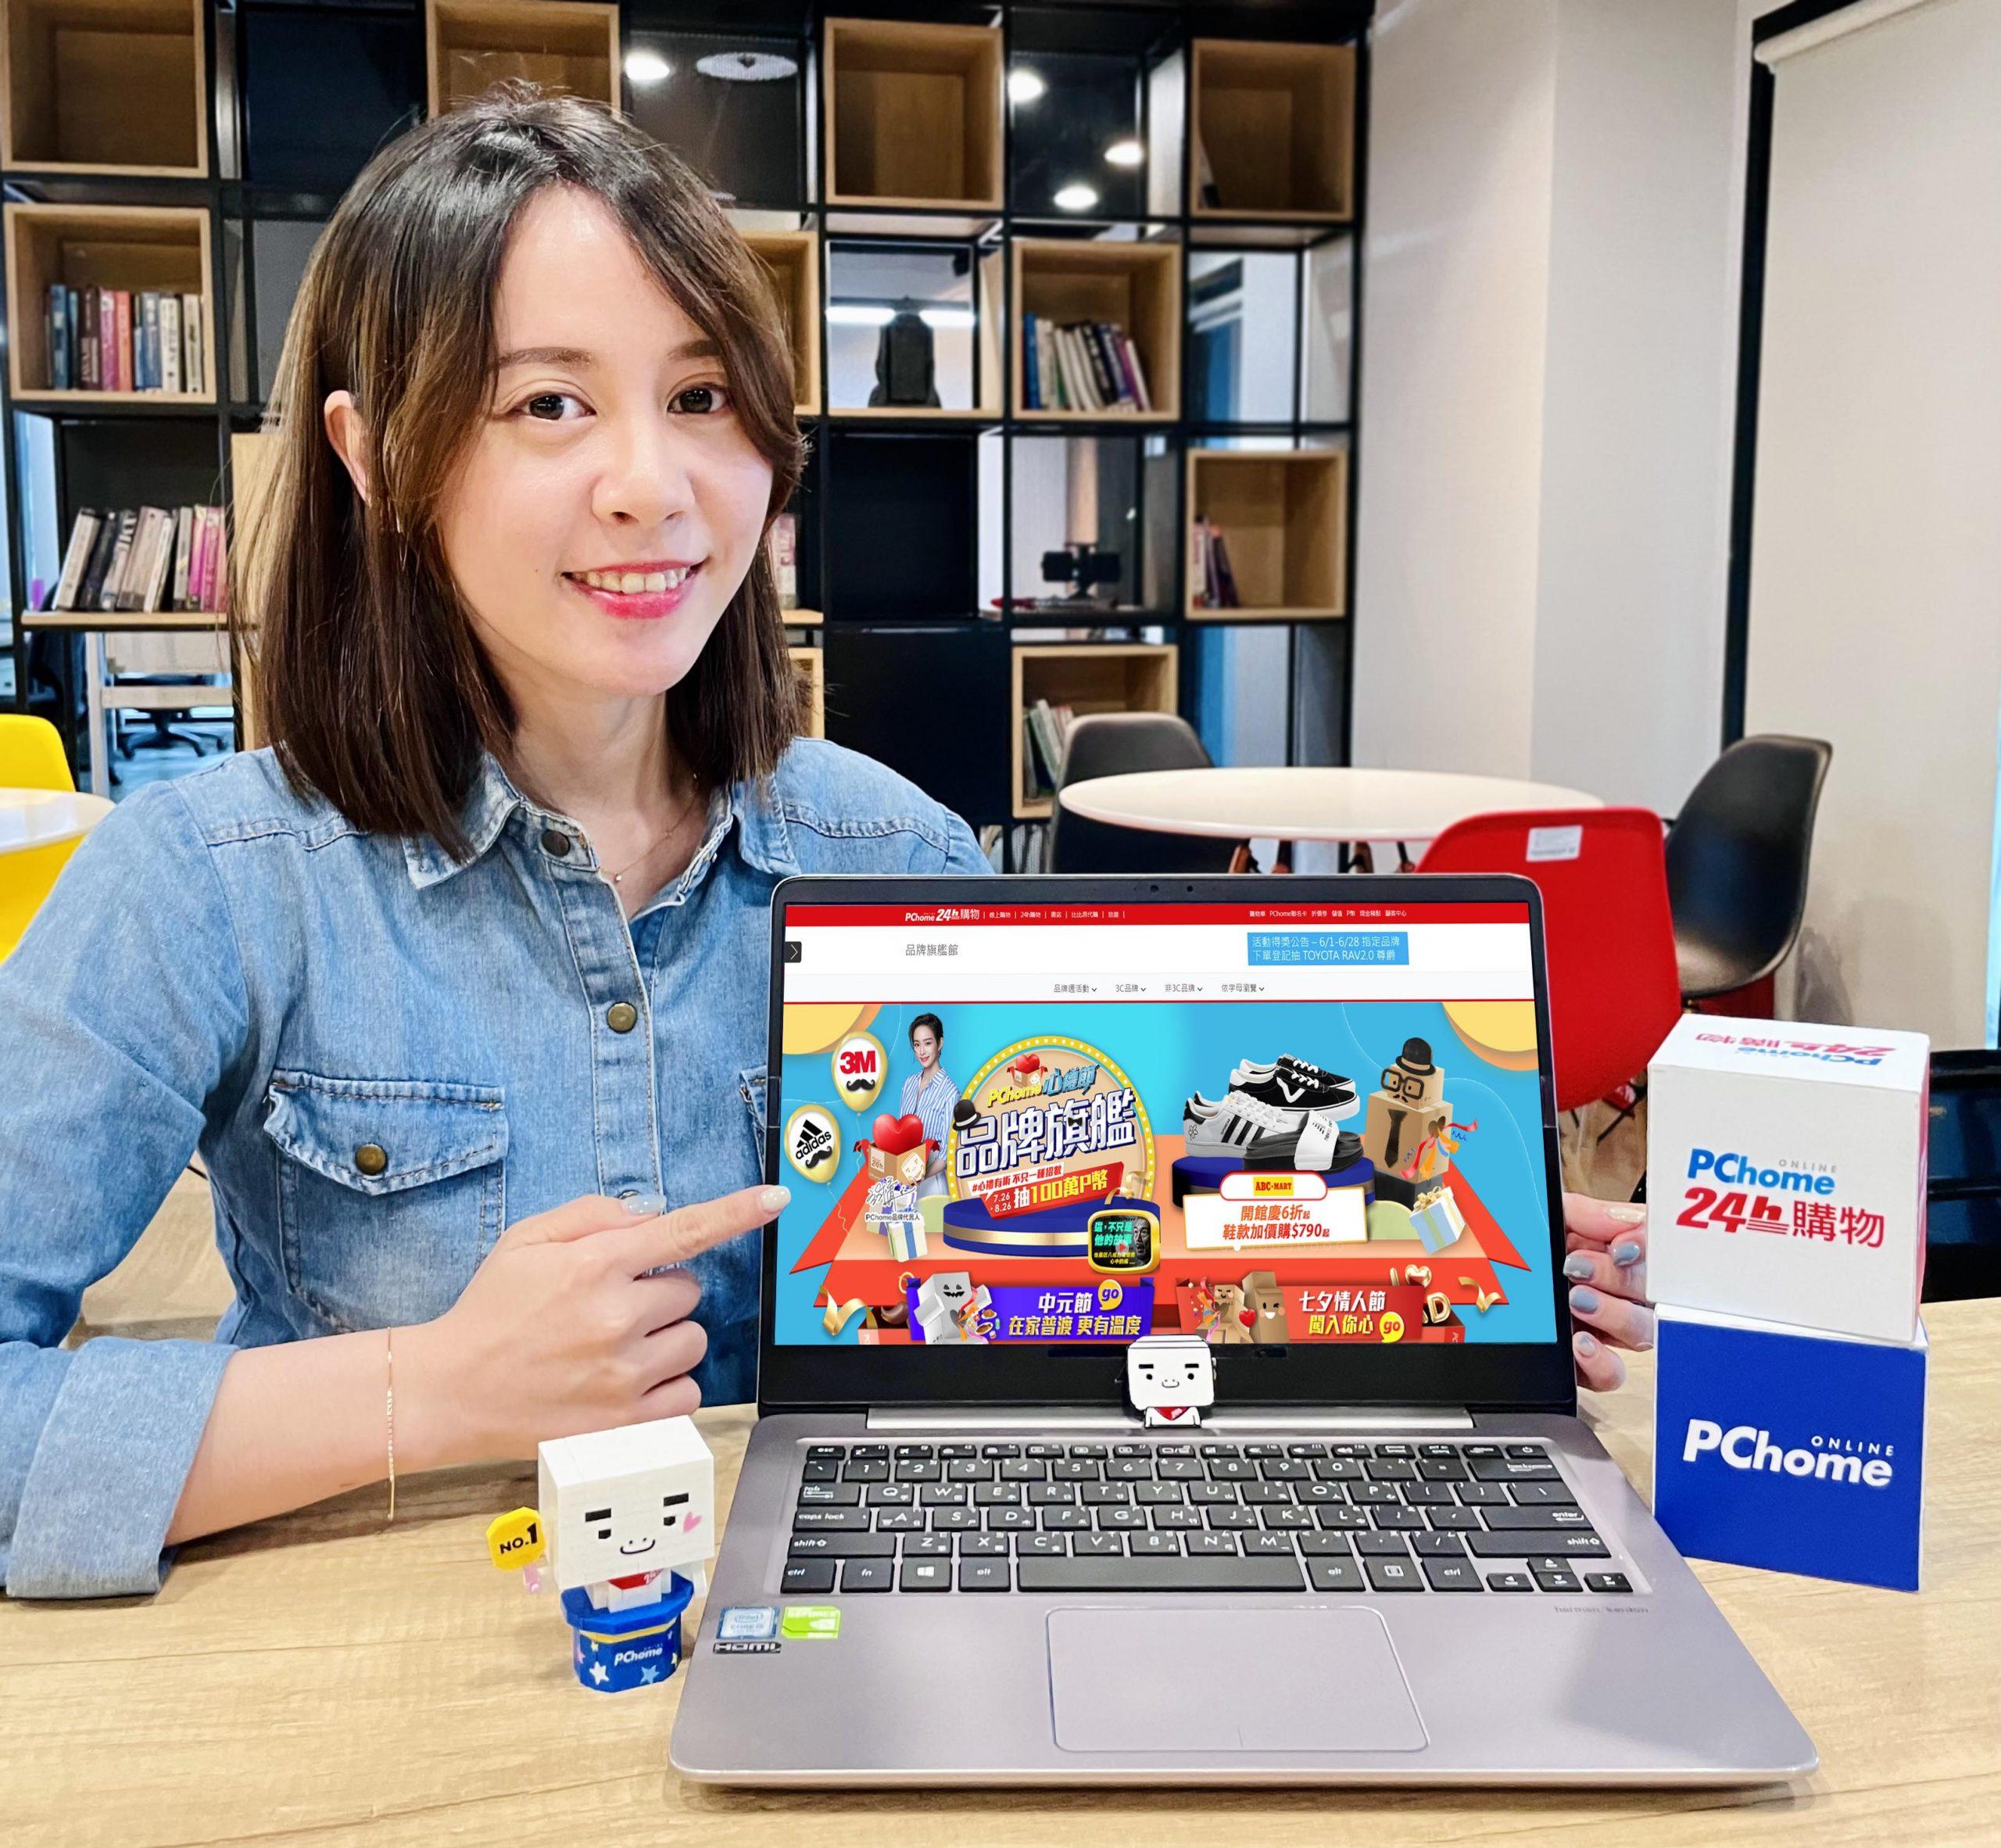 全站品牌數目標年成長100%!PChome 24h購物8月進駐九大官方品牌旗艦館  「PChome超級品牌週」抽百萬P幣 ABC-MART、LEGO、Microsoft 365開館祭優惠